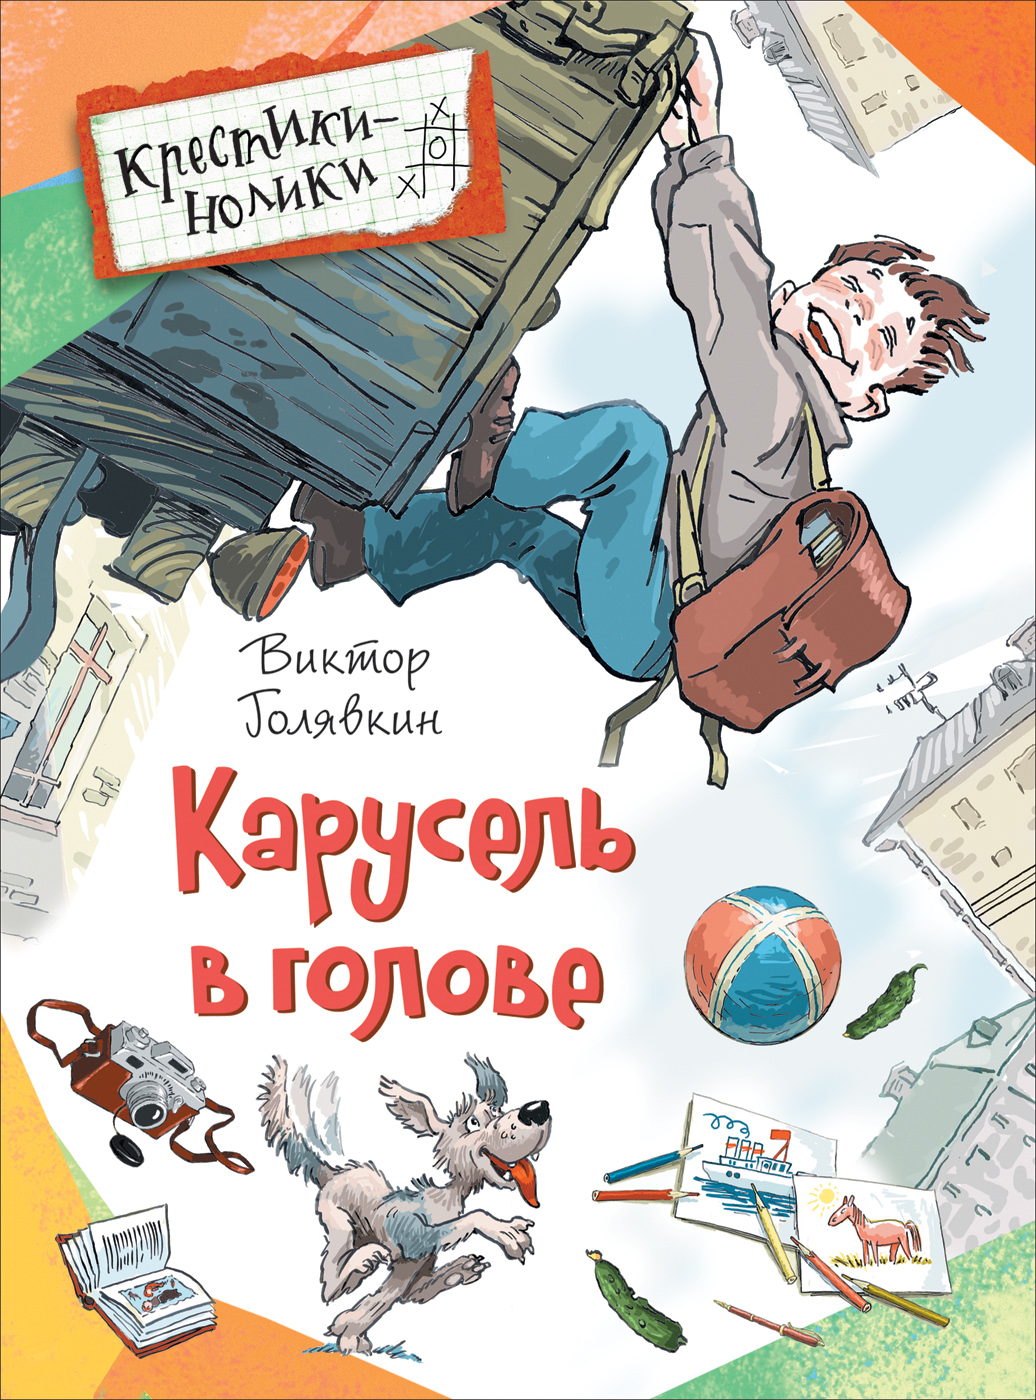 Голявкин В. Карусель в голове. Рассказы (КН)